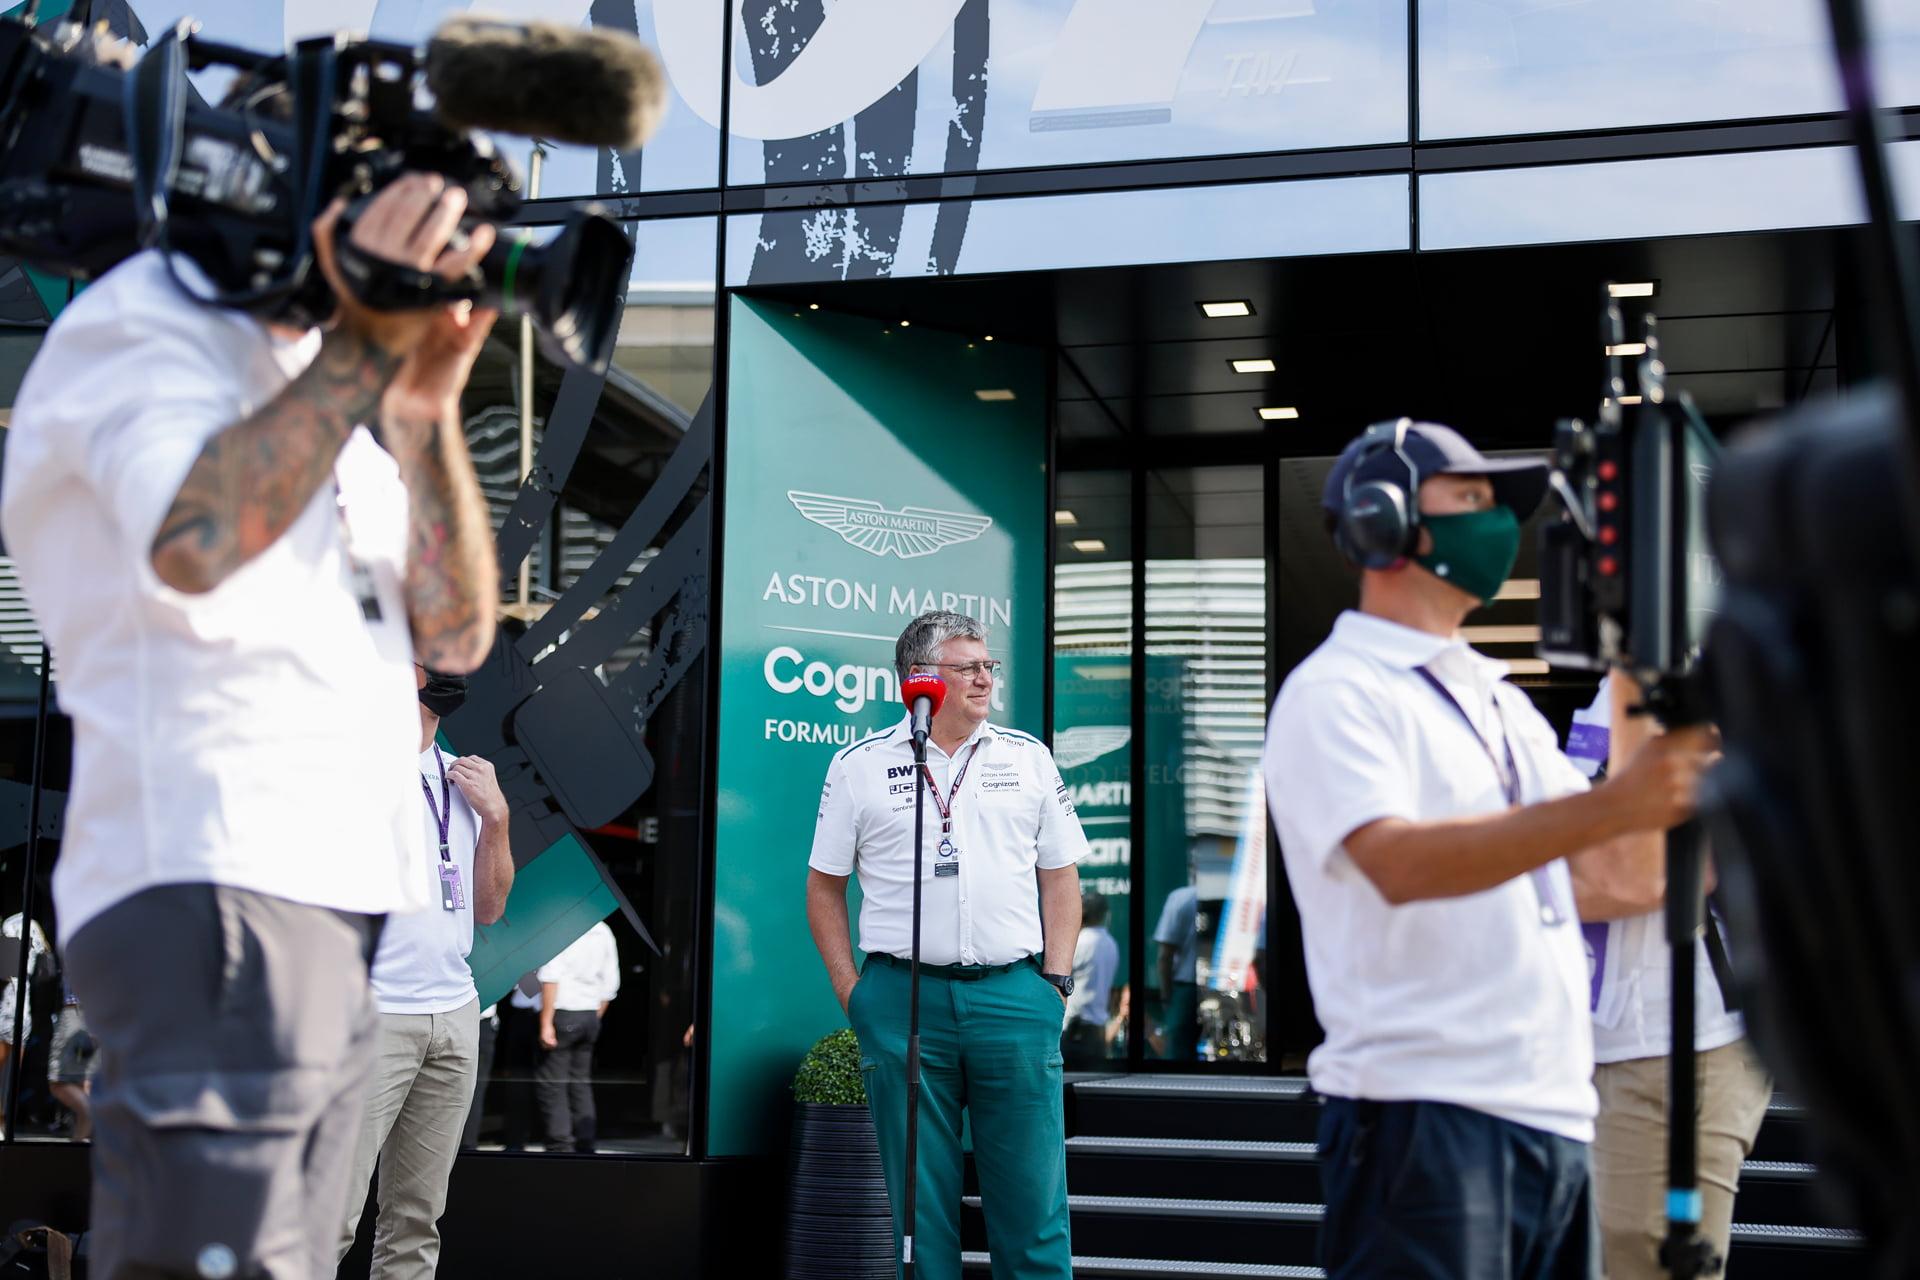 Aston Martin es una de las pocas escuderías del Mundial de F1 que no tienen una academia de jóvenes valores propia con la que apoyar a nuevos pilotos que algún día podrían estar al volante de un monoplaza de la misma.